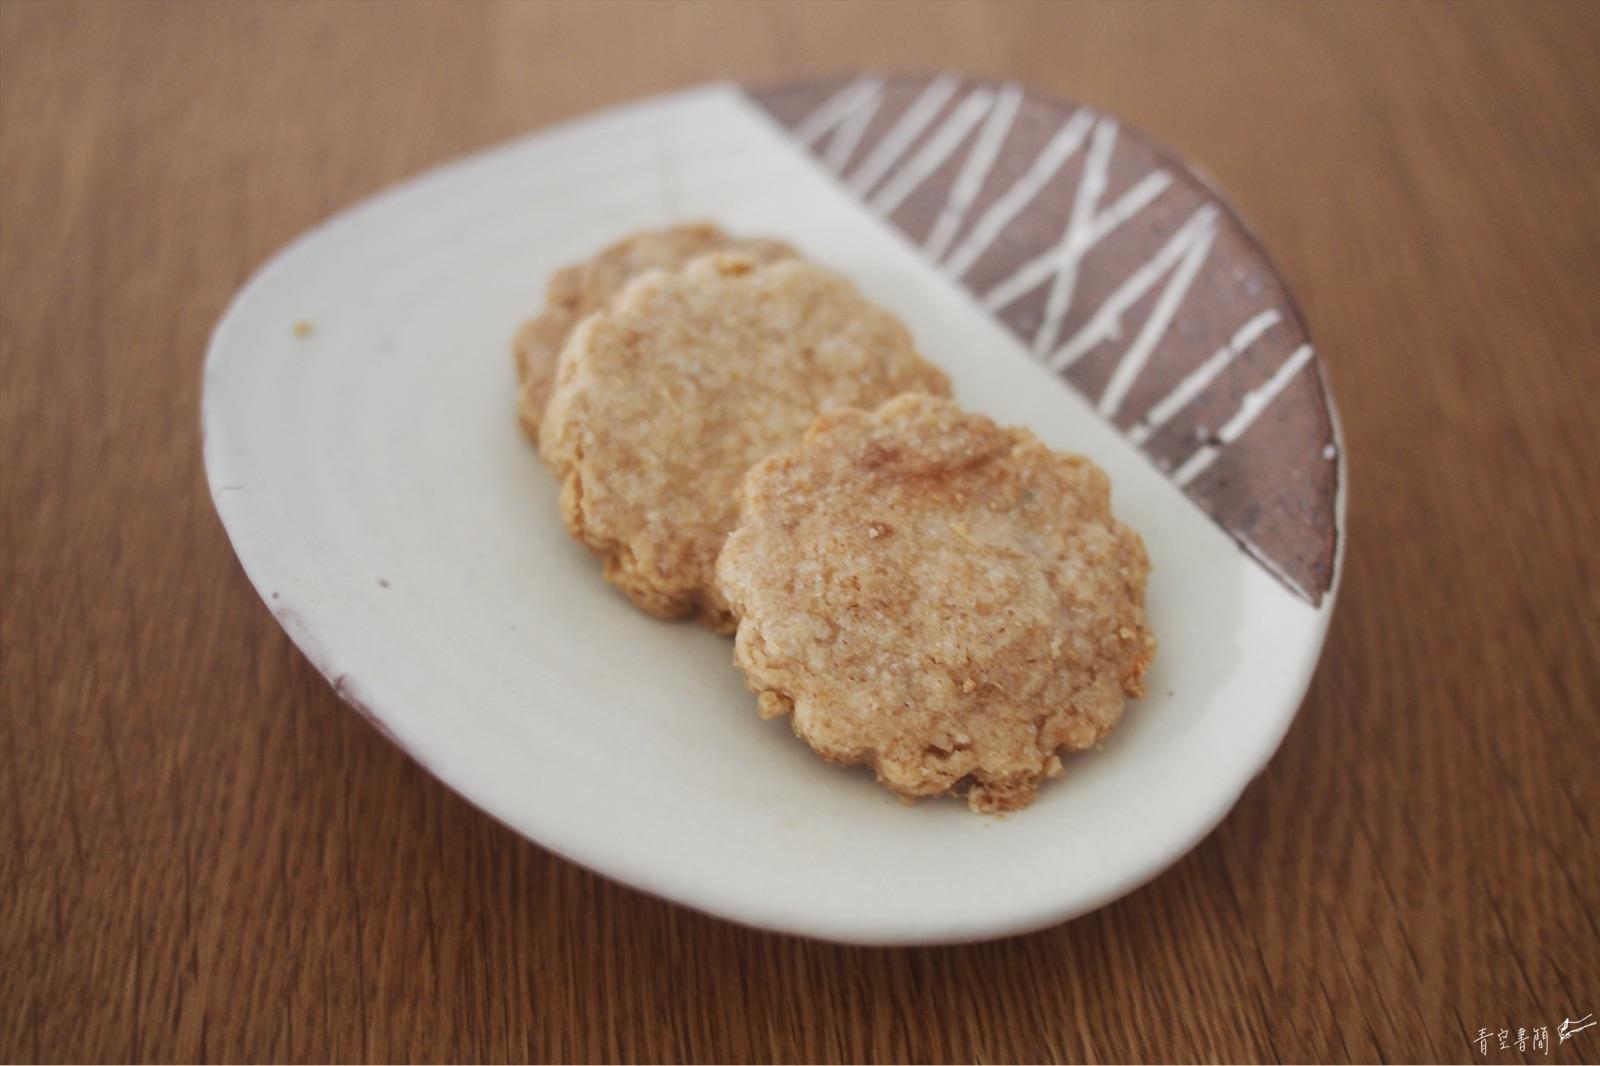 うり坊舎 ジンジャースパイスクッキー